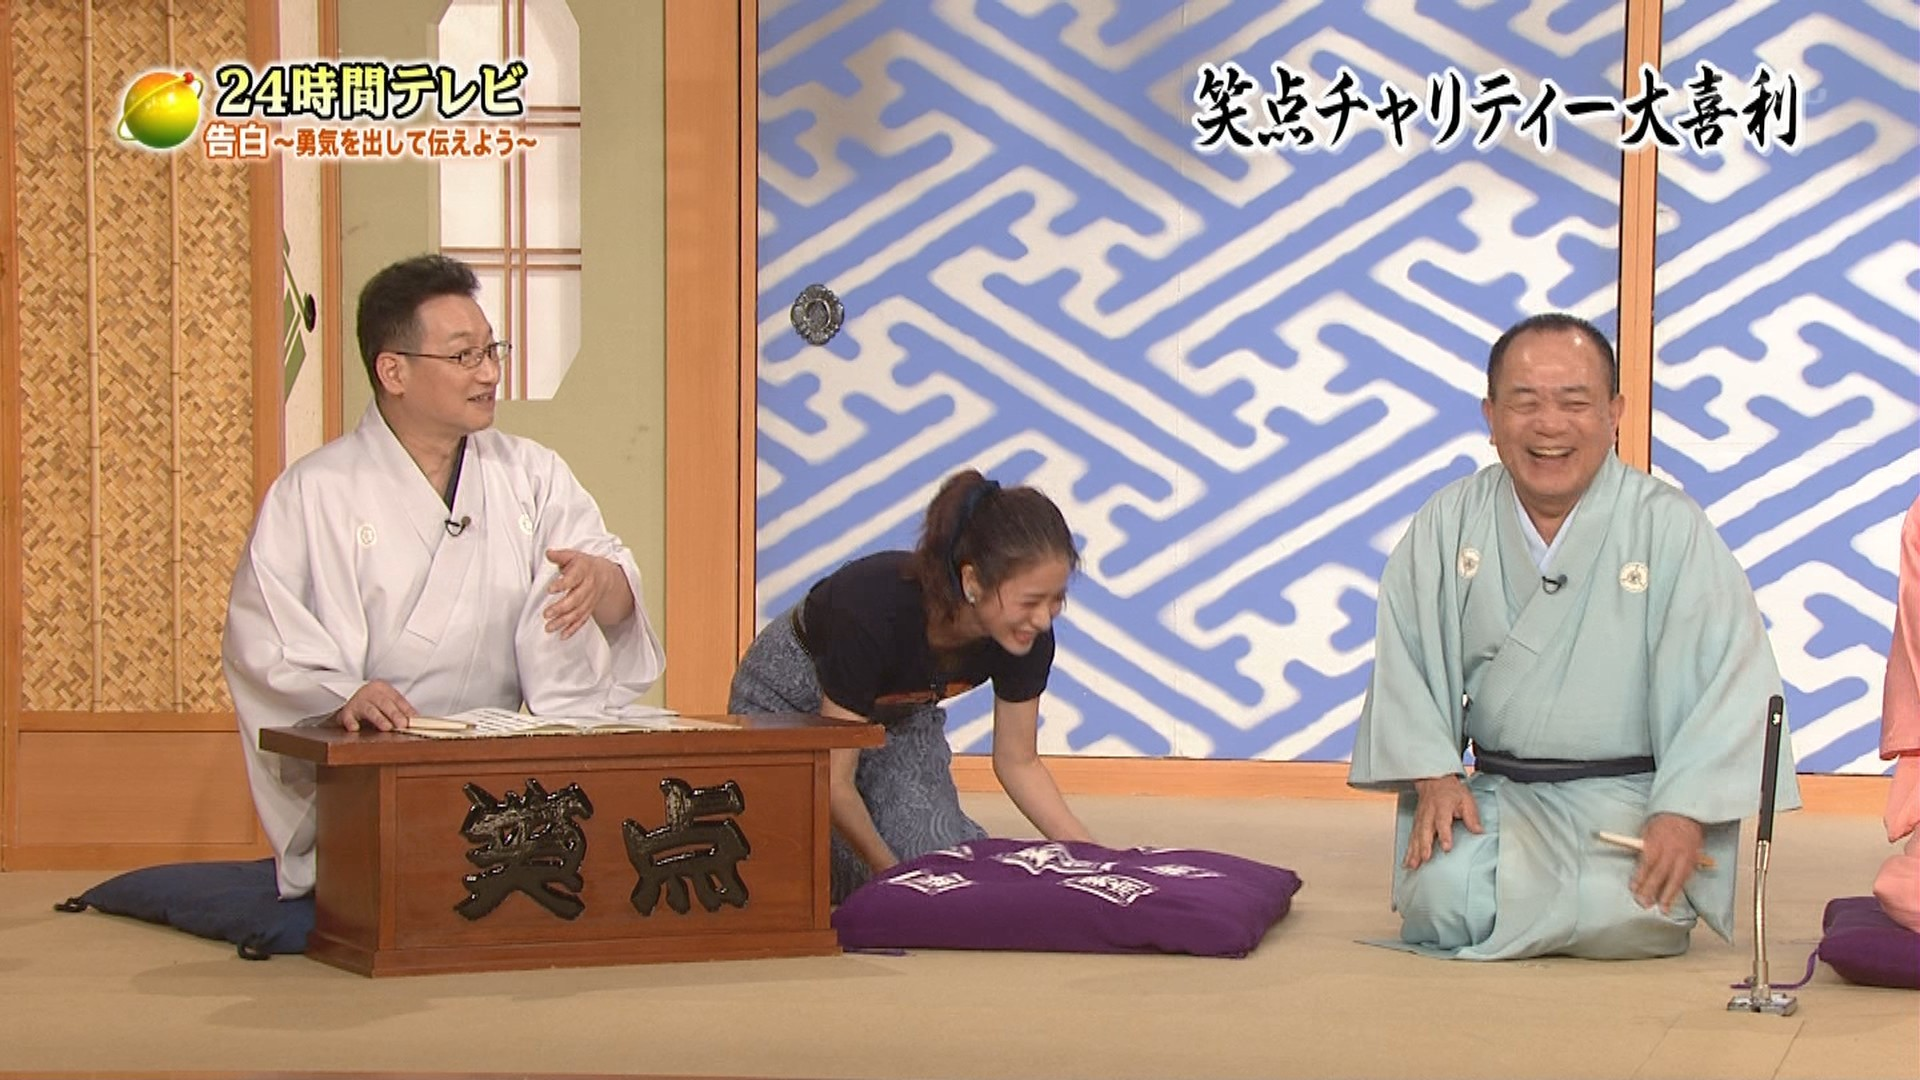 石原さとみが「24時間テレビ」で胸チラ☆☆wwwwwwwwwwwwwwww